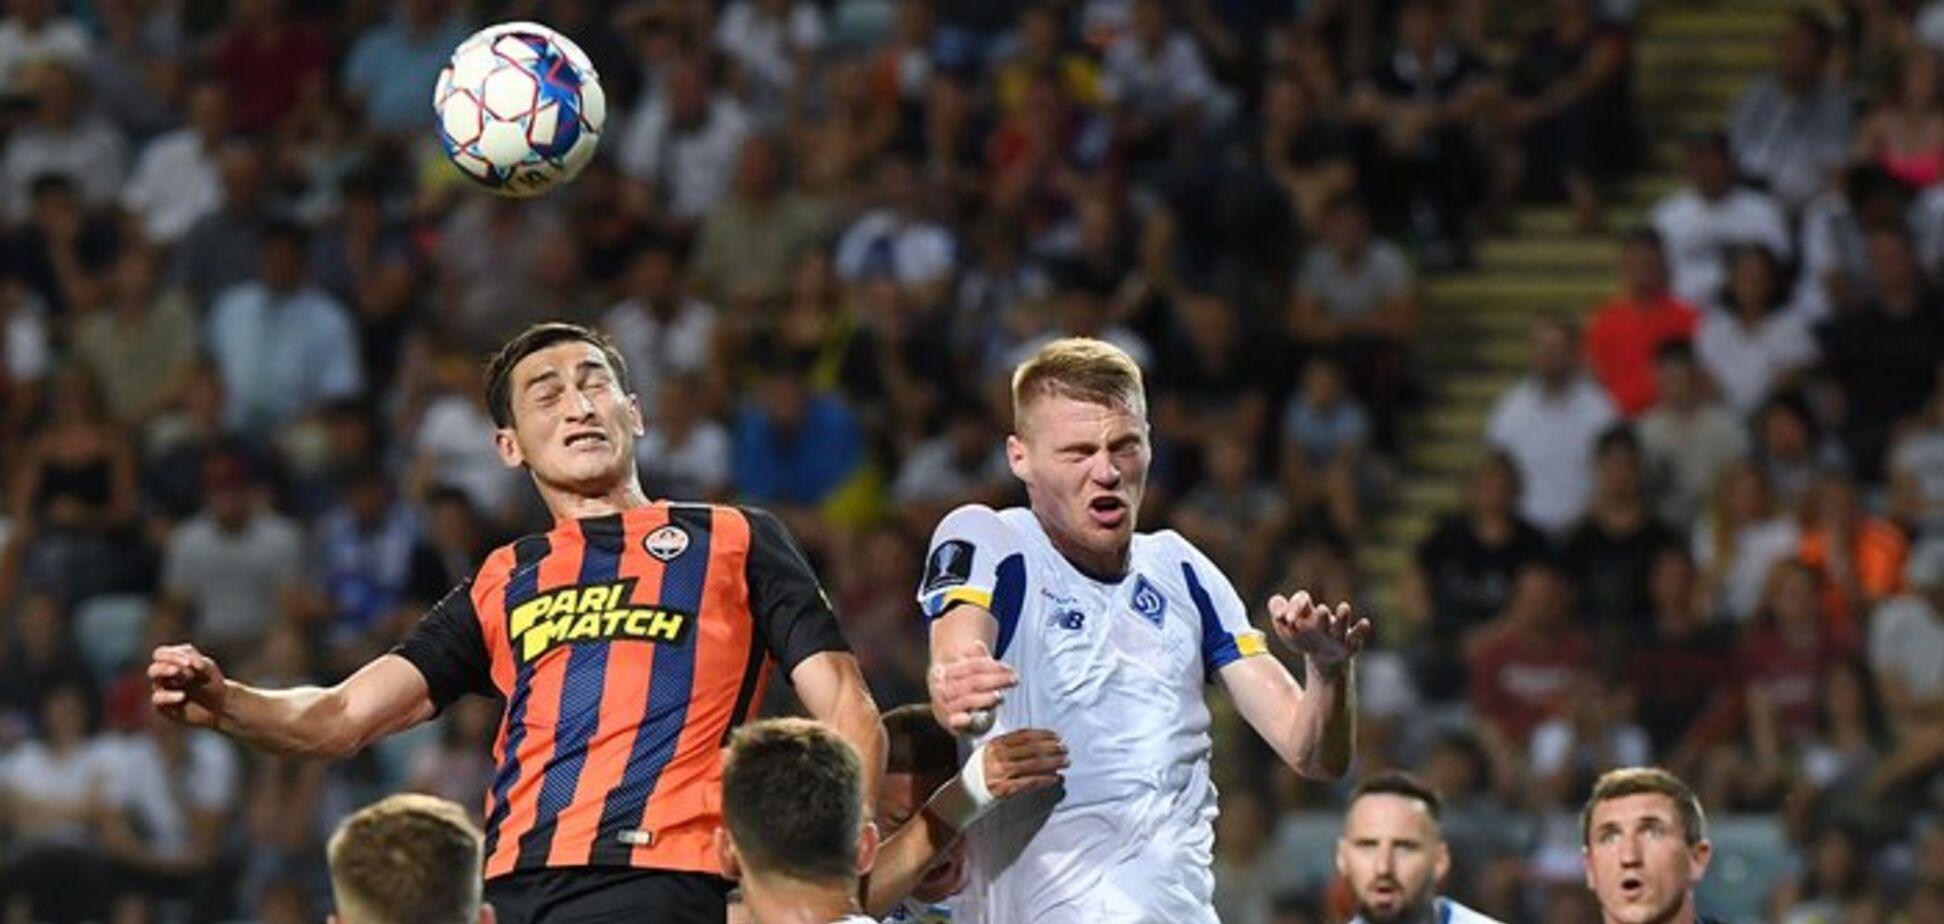 'Динамо' и 'Шахтер' угодили в странную уникальную ситуацию в еврокубках